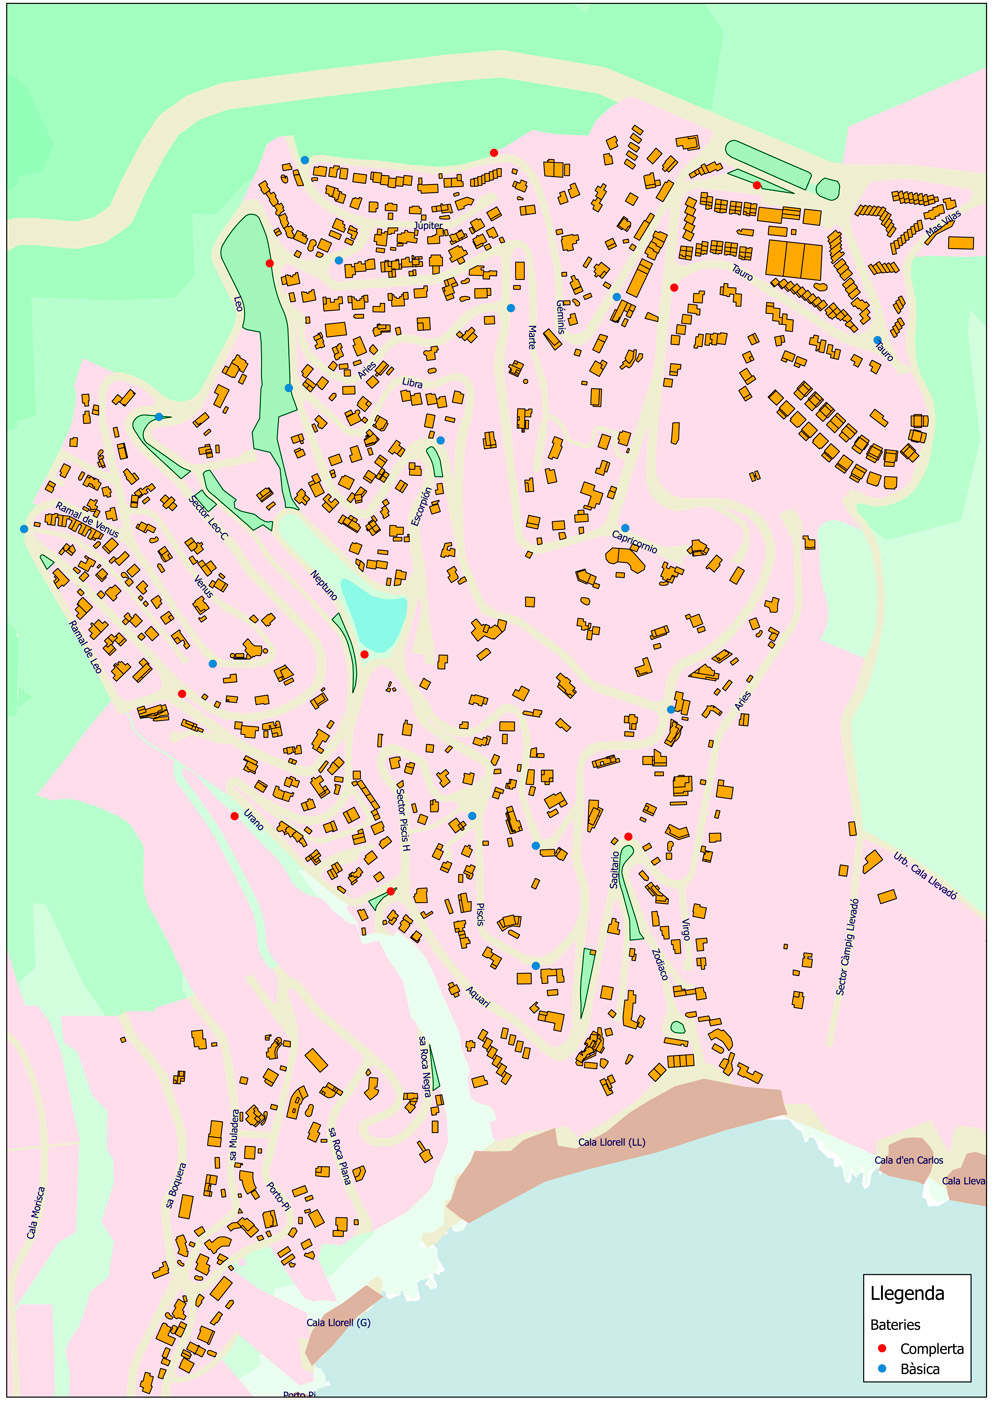 AAAAAPlànol-ubicació-contenidors